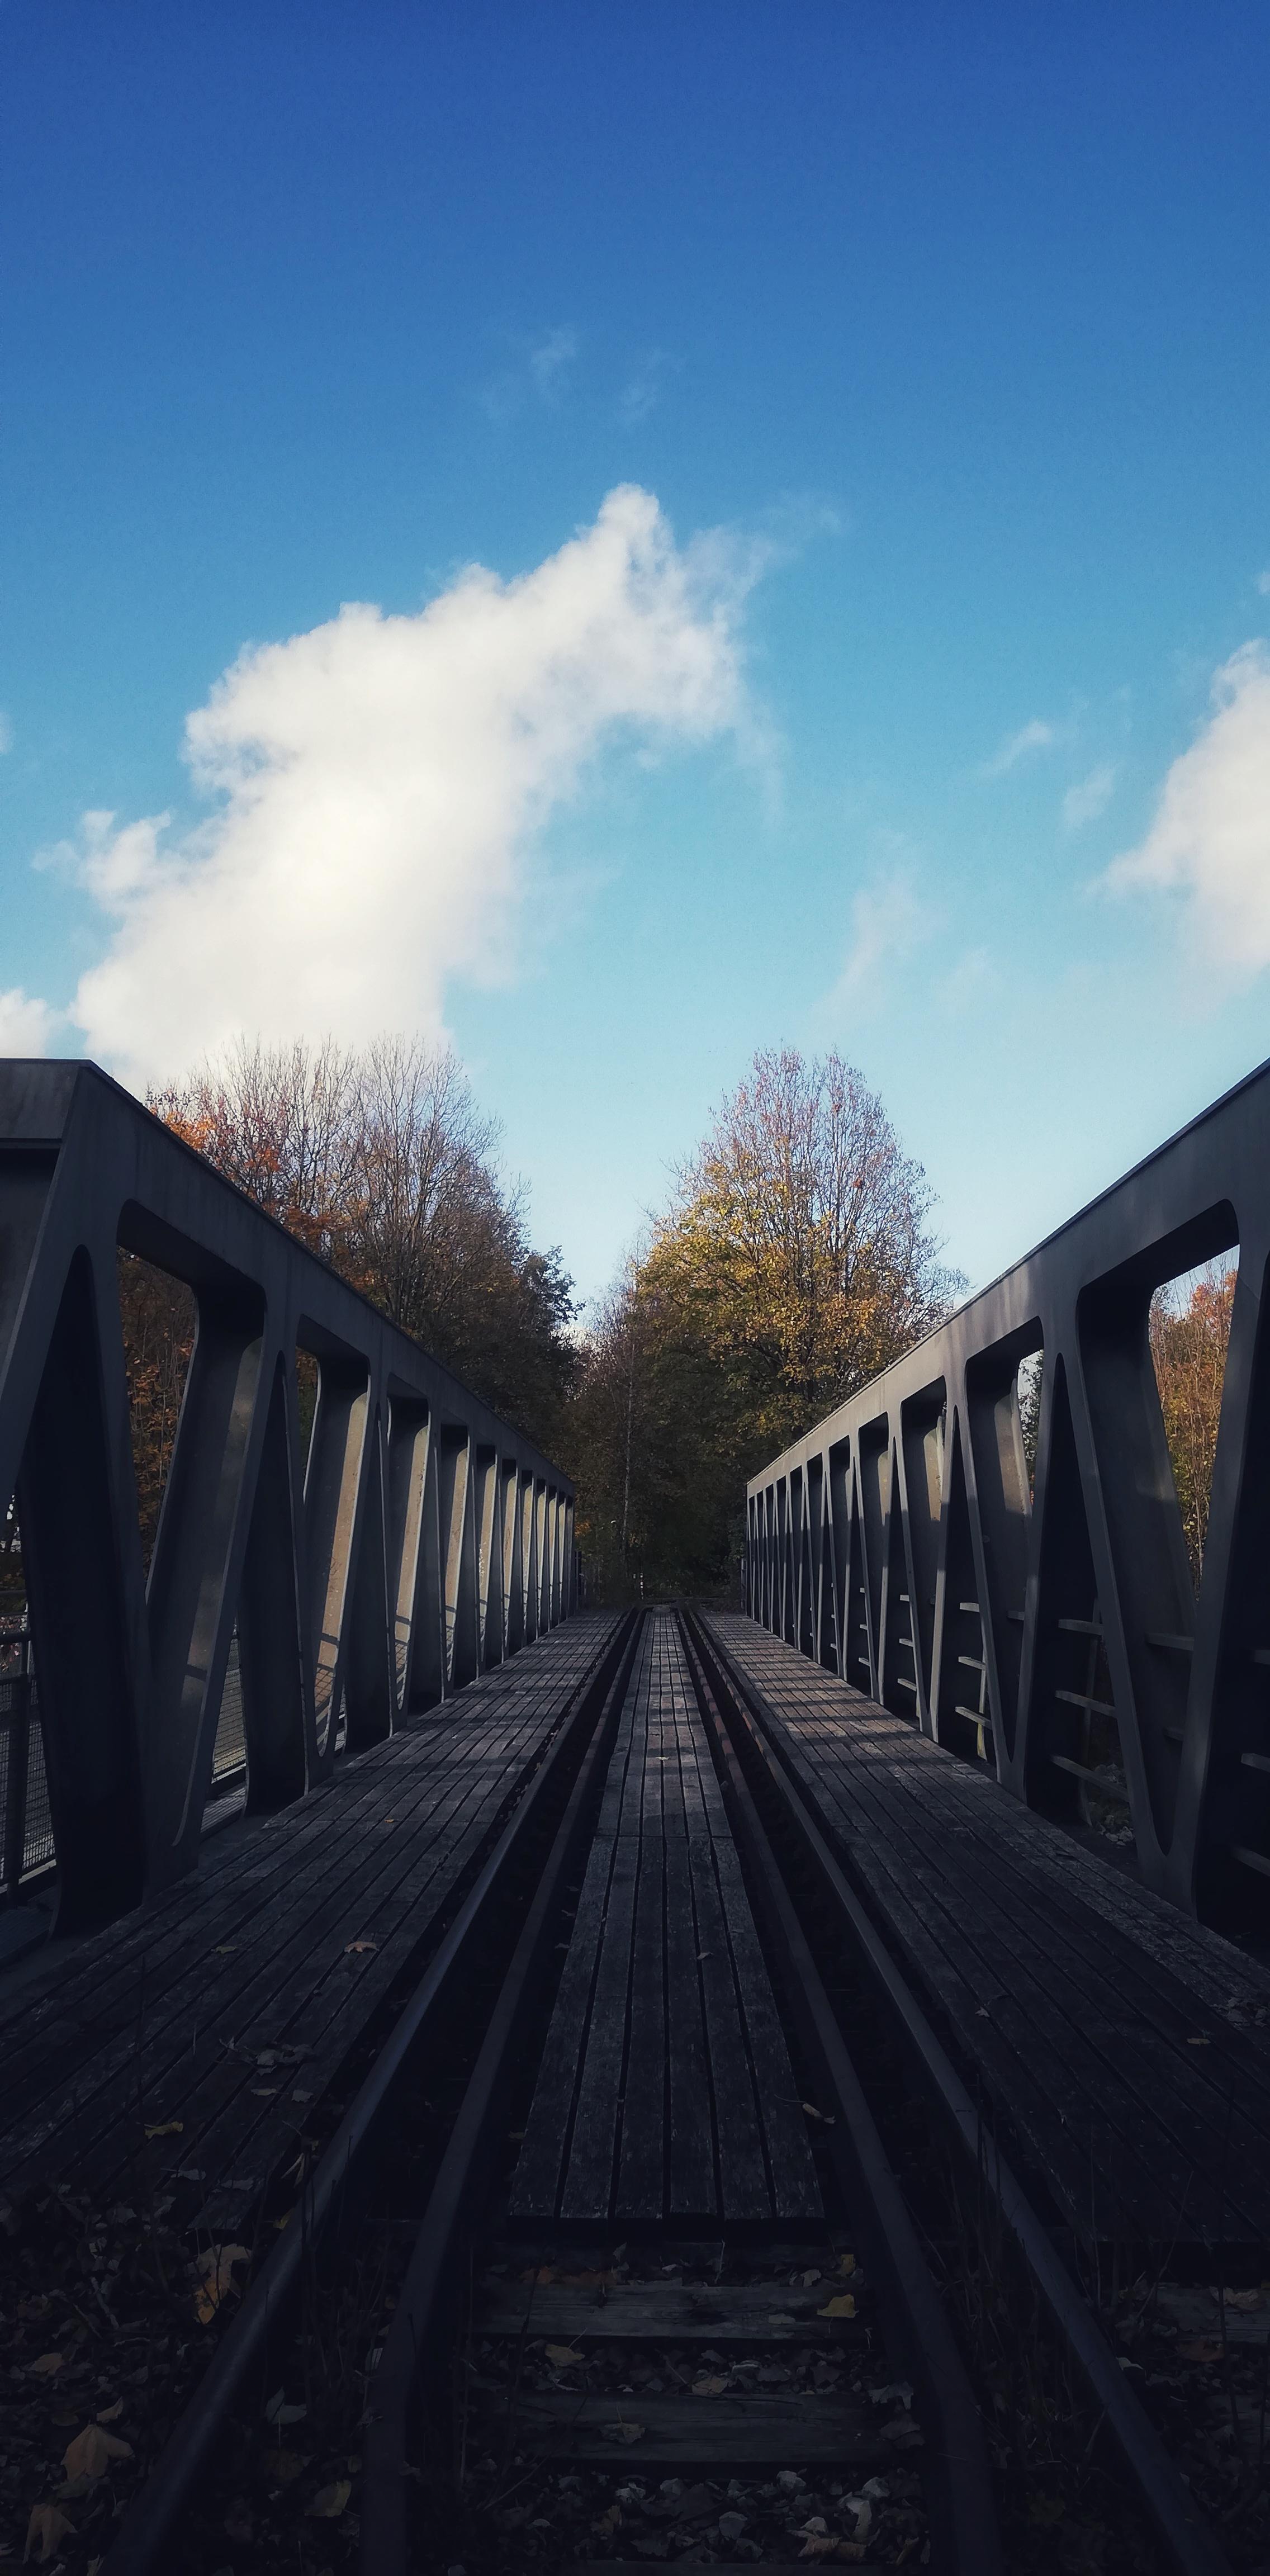 Zugbrücke am Hettenbach, beliebtes Motiv  Johannes Ulrich Gehrke